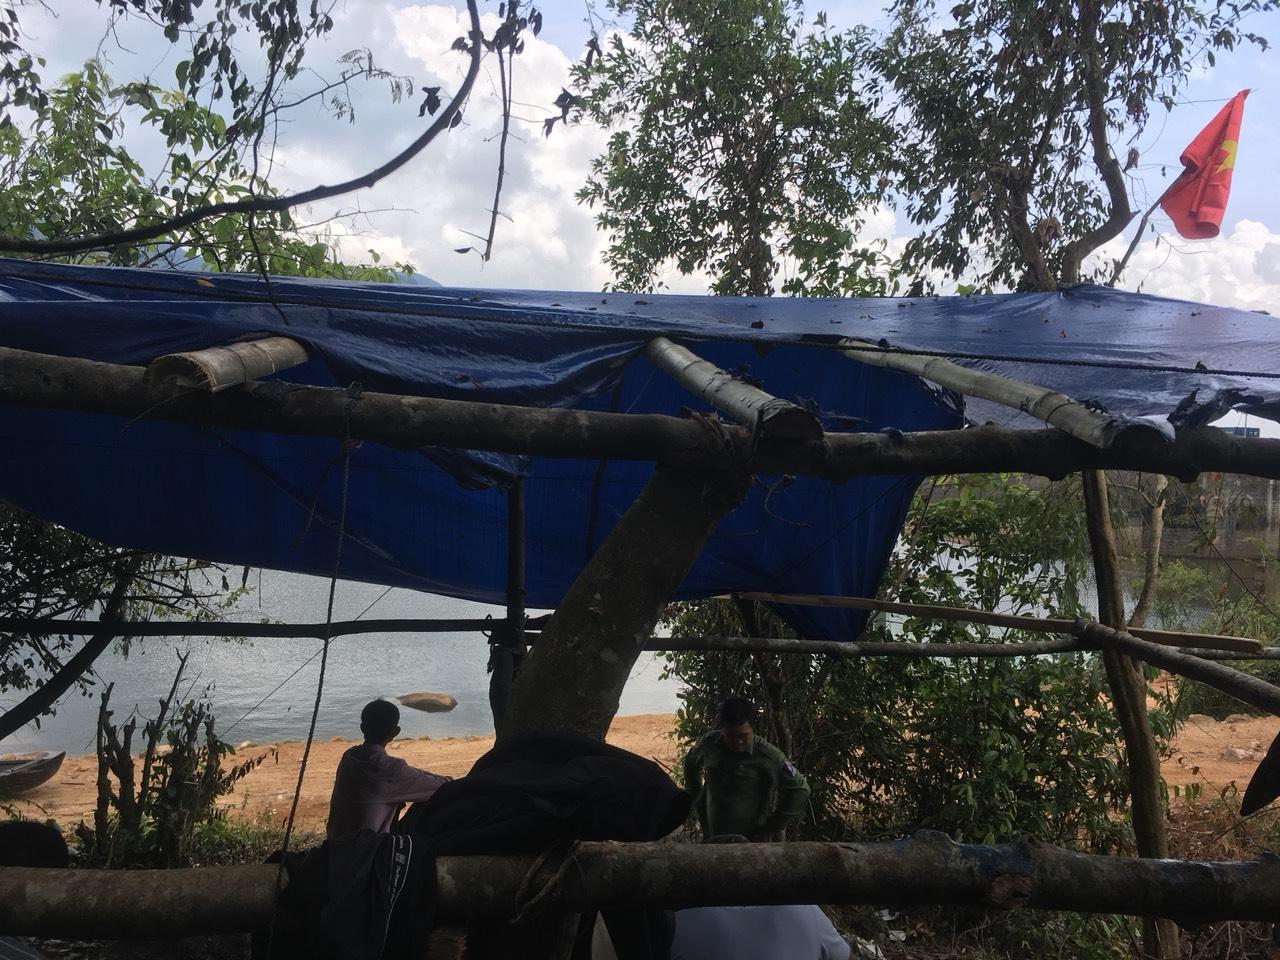 Bình Định: Cán bộ bất ngờ bị đánh, lán trại bảo vệ rừng cũng bị đốt cháy - Ảnh 1.